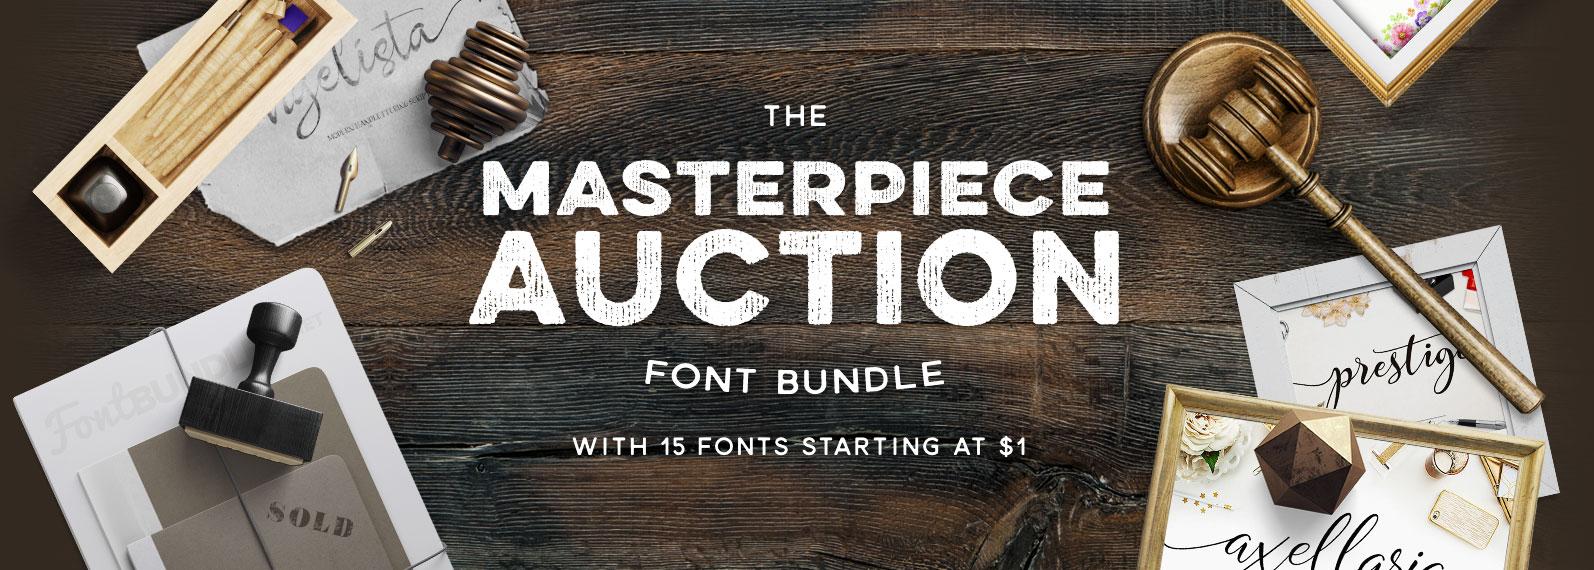 Masterpiece Auction Bundle Cover